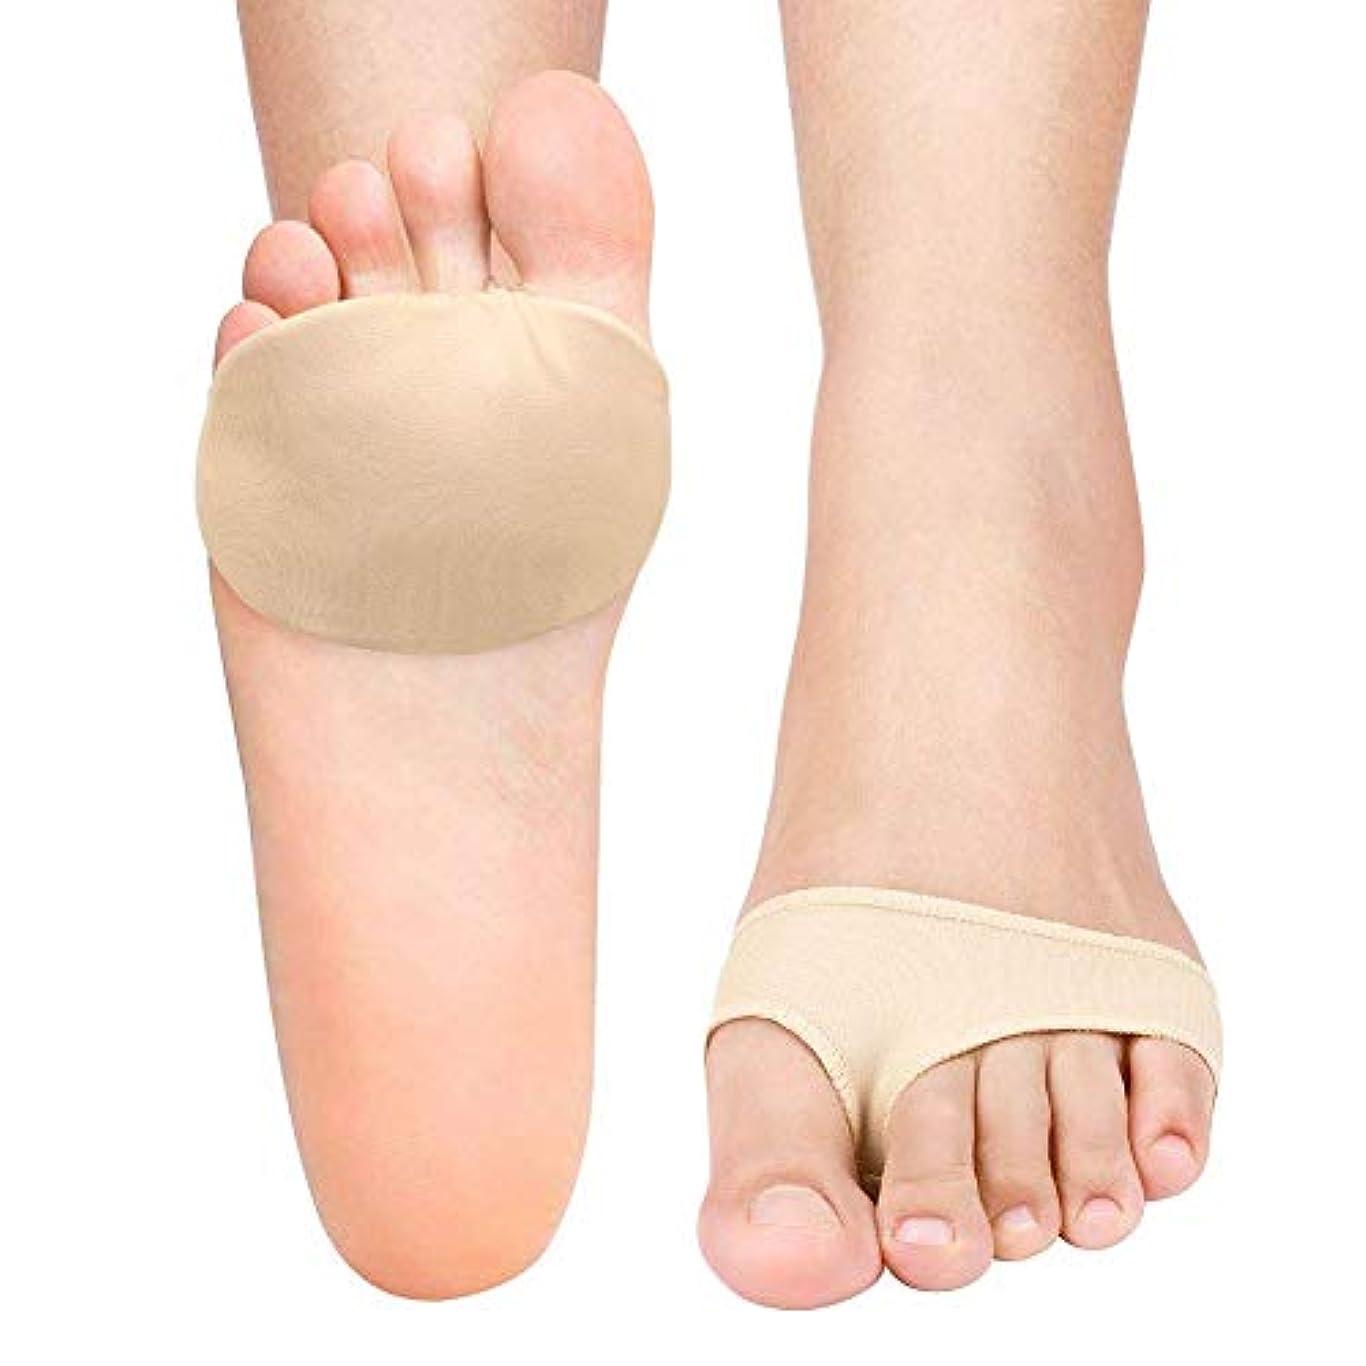 患者正当化する実装するYosoo 足裏保護パッド 足裏 保護 サポーター 前ズレ防止 つま先の痛み緩和 柔らかい つま先ジェルクッション シリコン フリーサイズ 2個入り